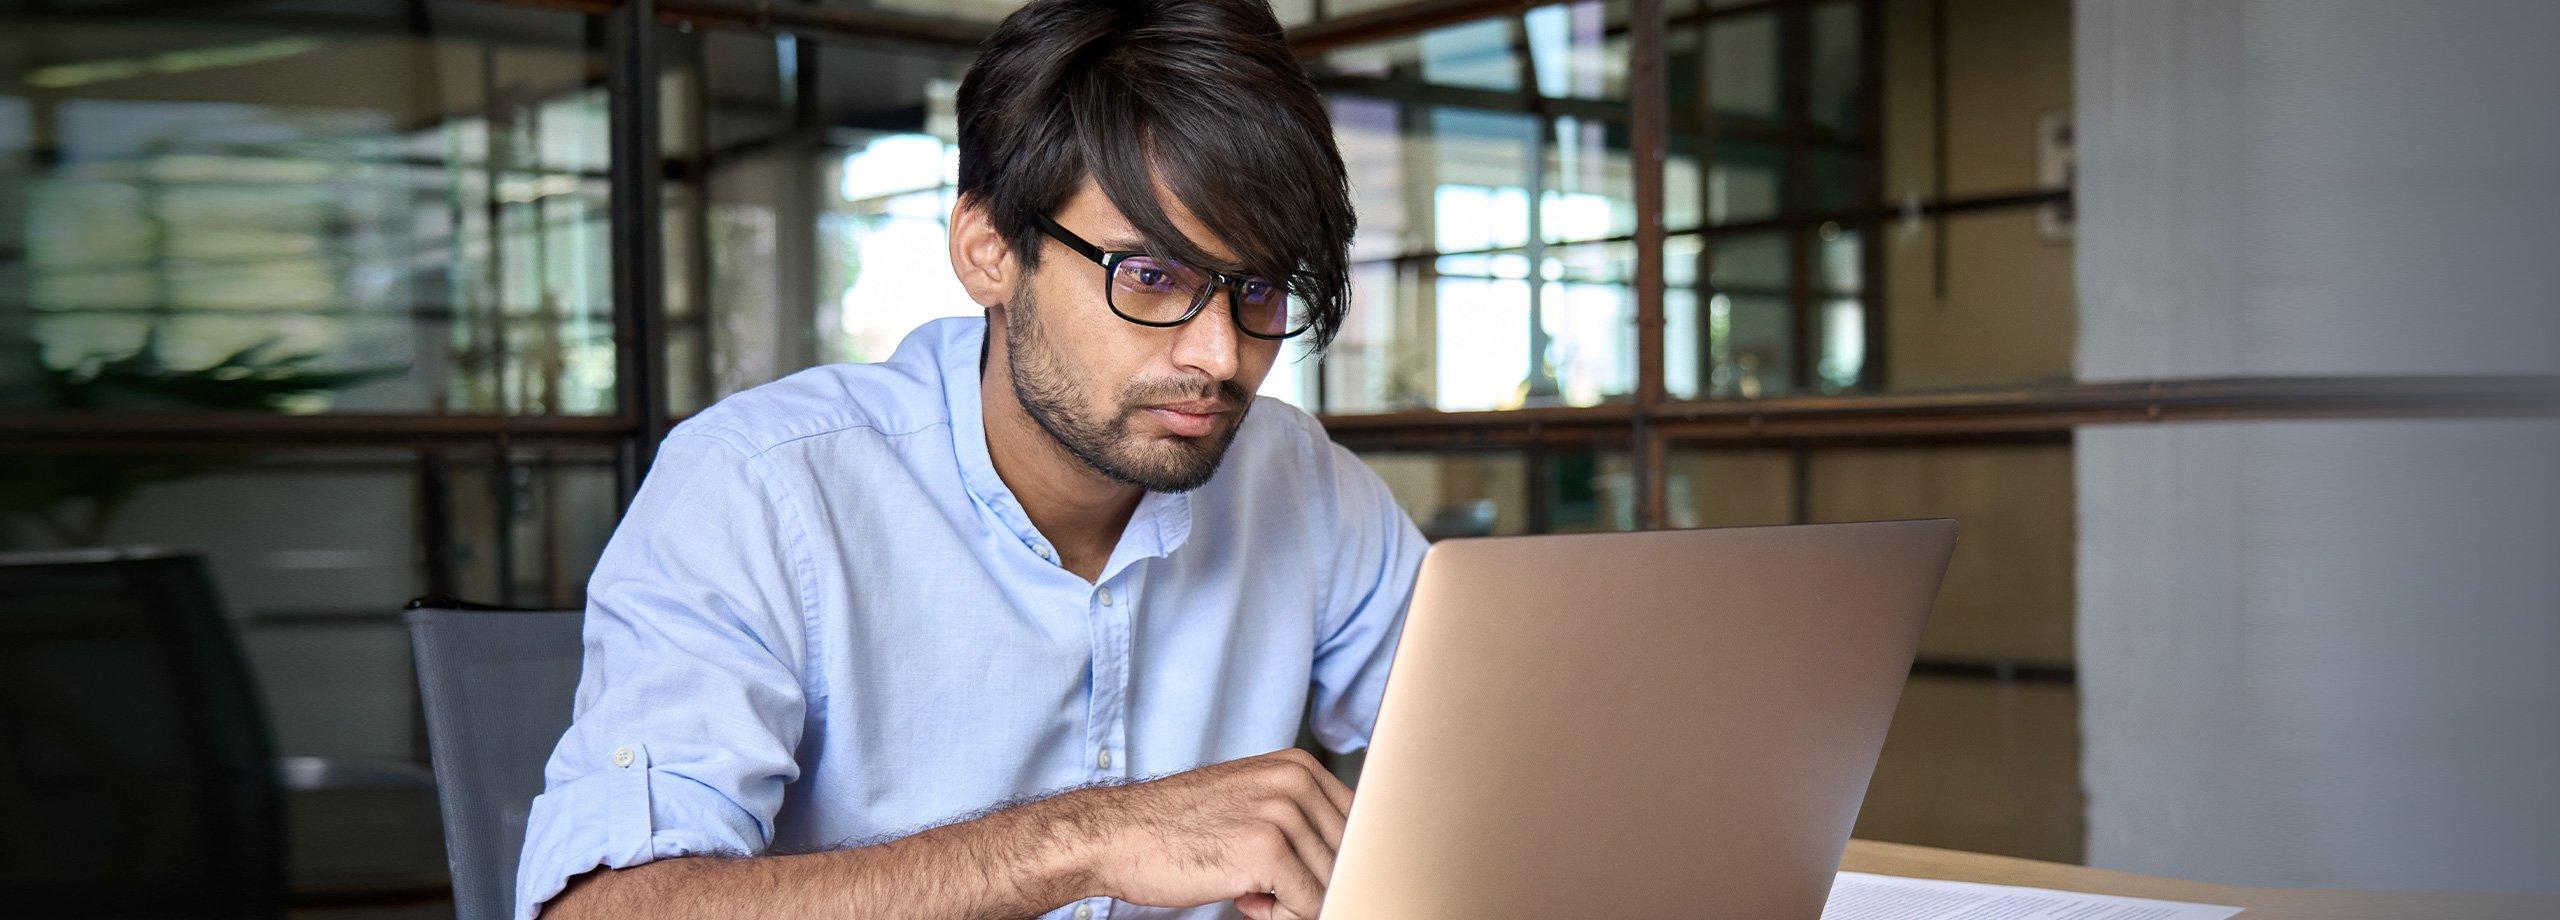 Women working at desk